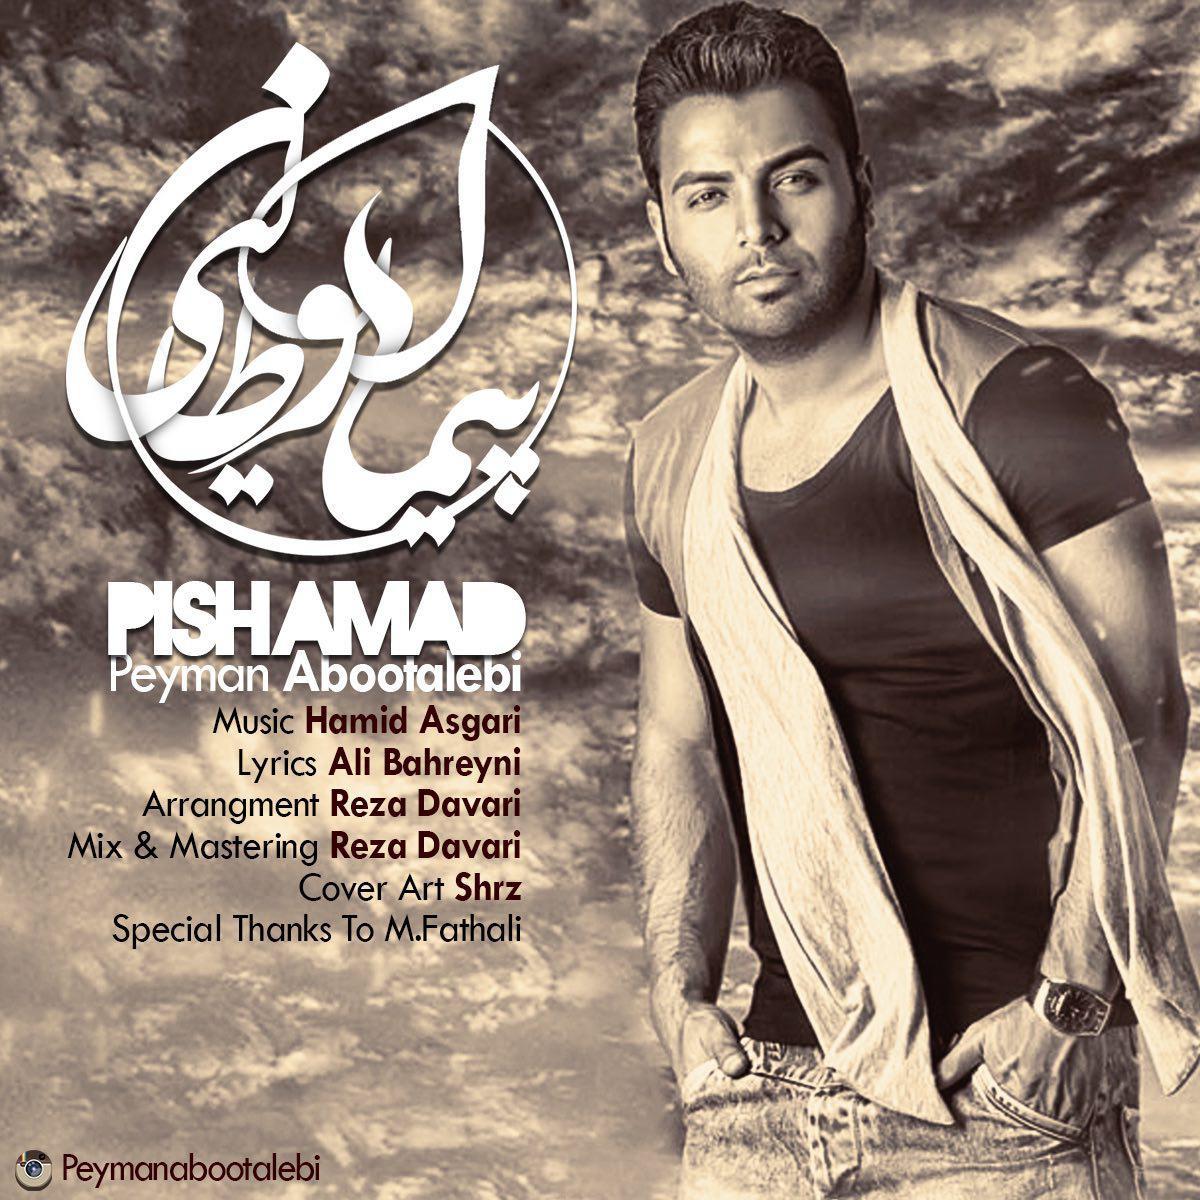 دانلود آهنگ جدید پیمان ابوطالبی بنام پیشامد